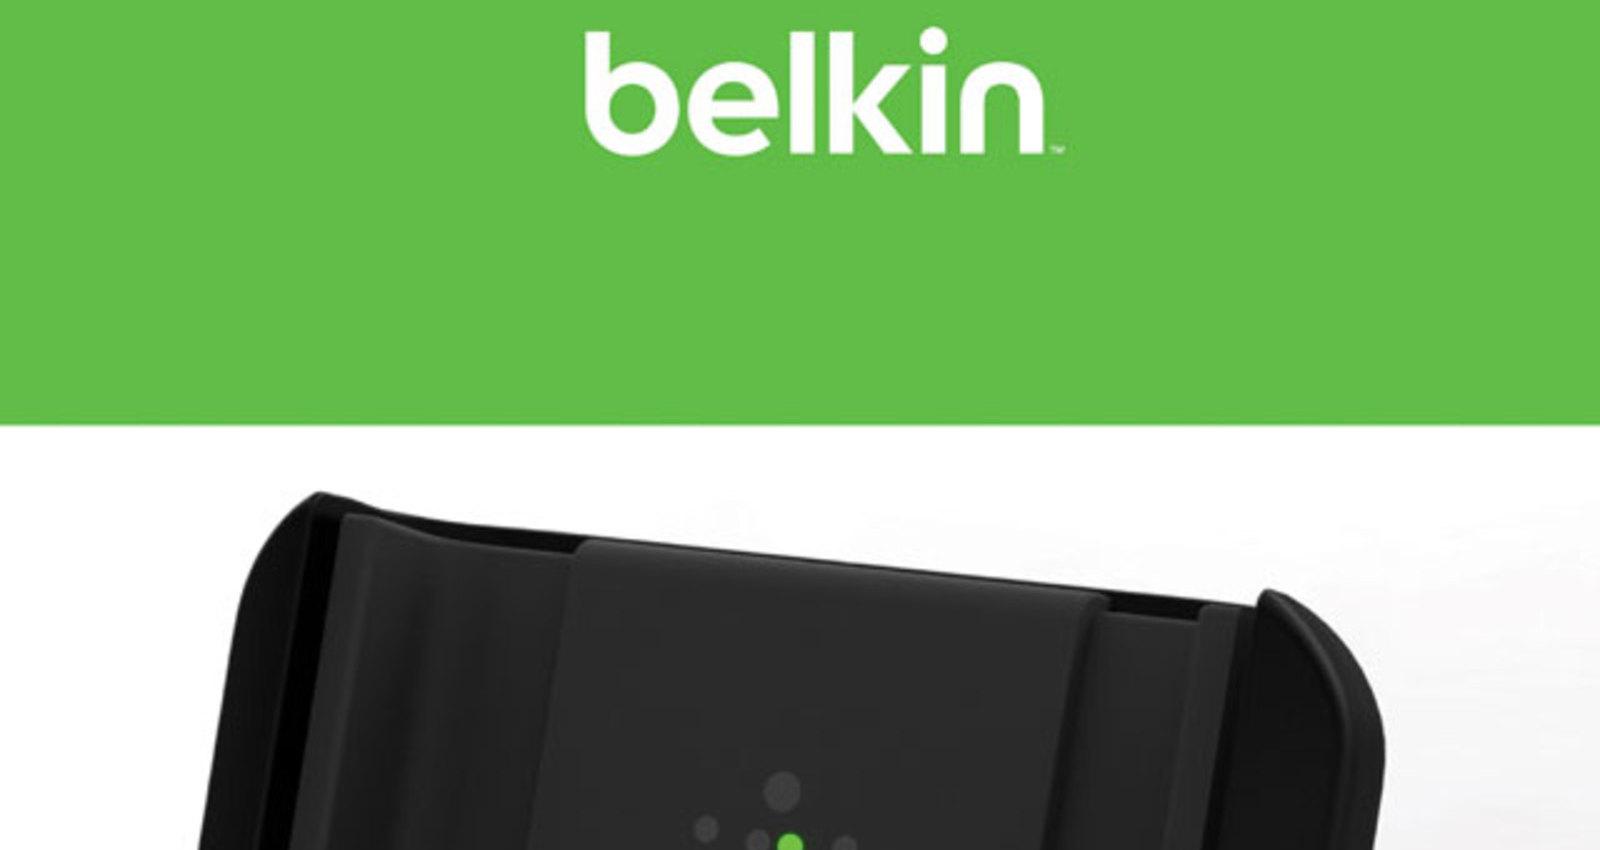 Belkin Brand Identity